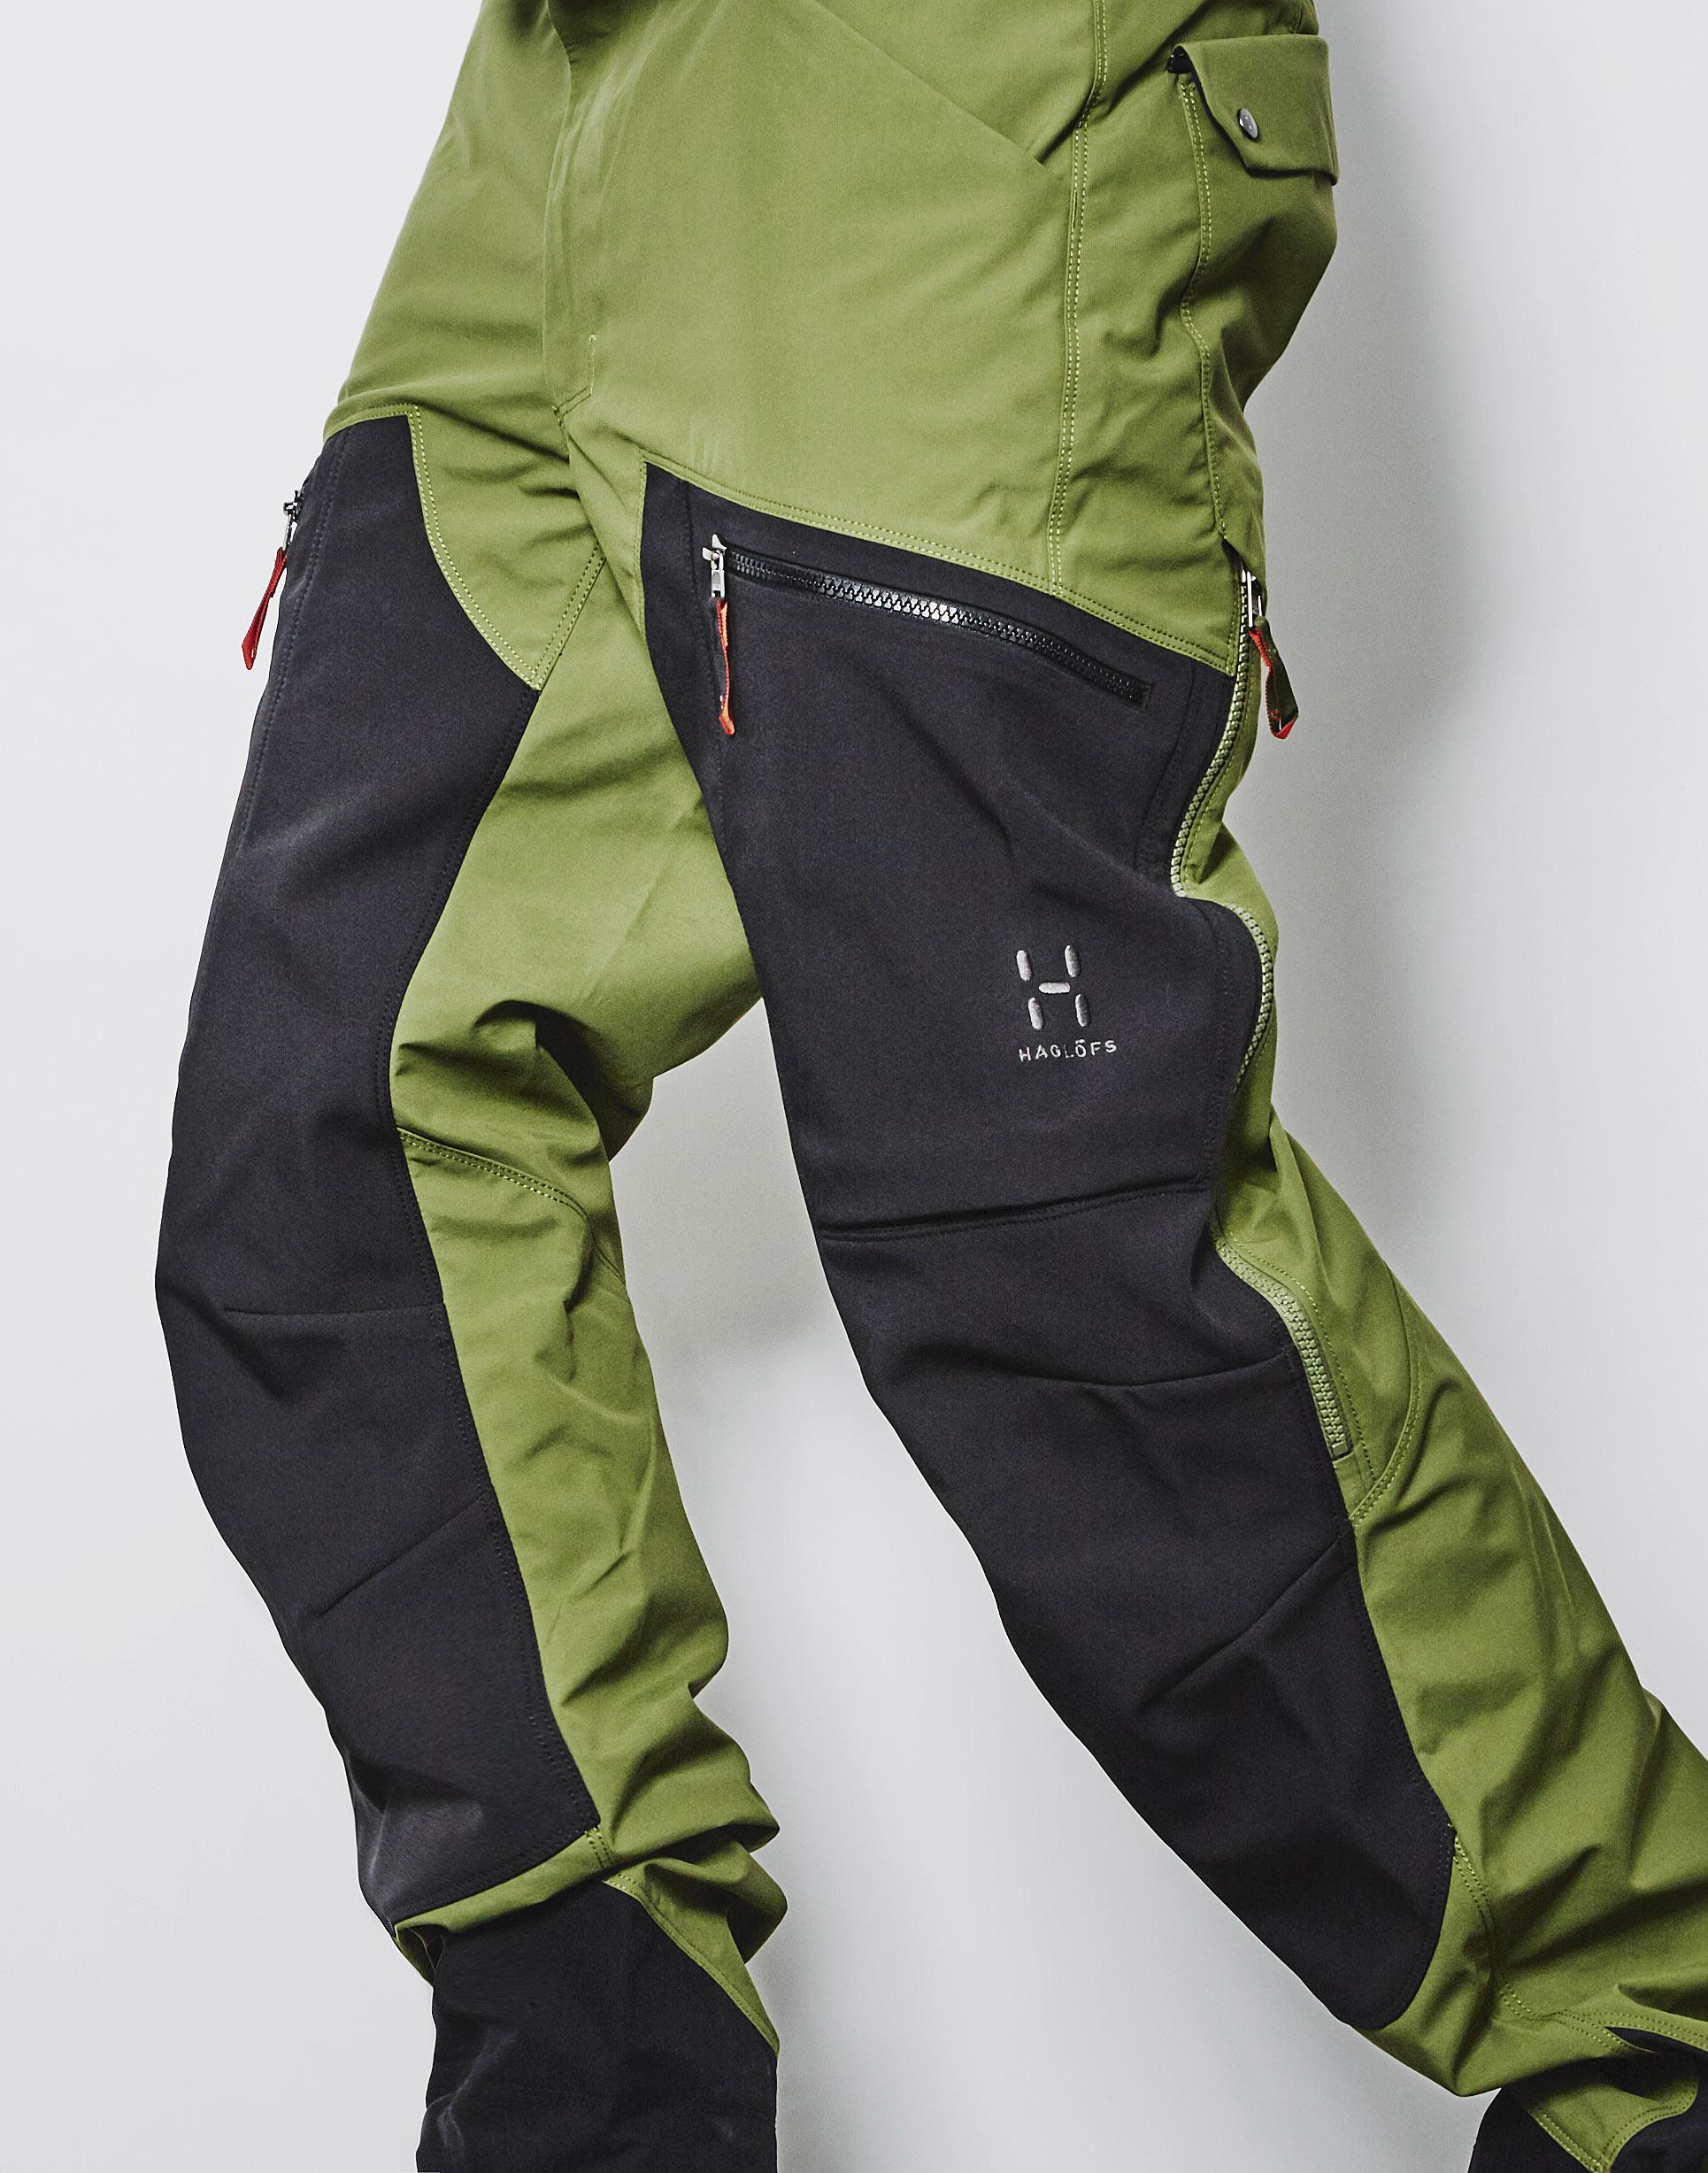 Rugged Mountain Pant Pro Lågupplöst Medelupplösning